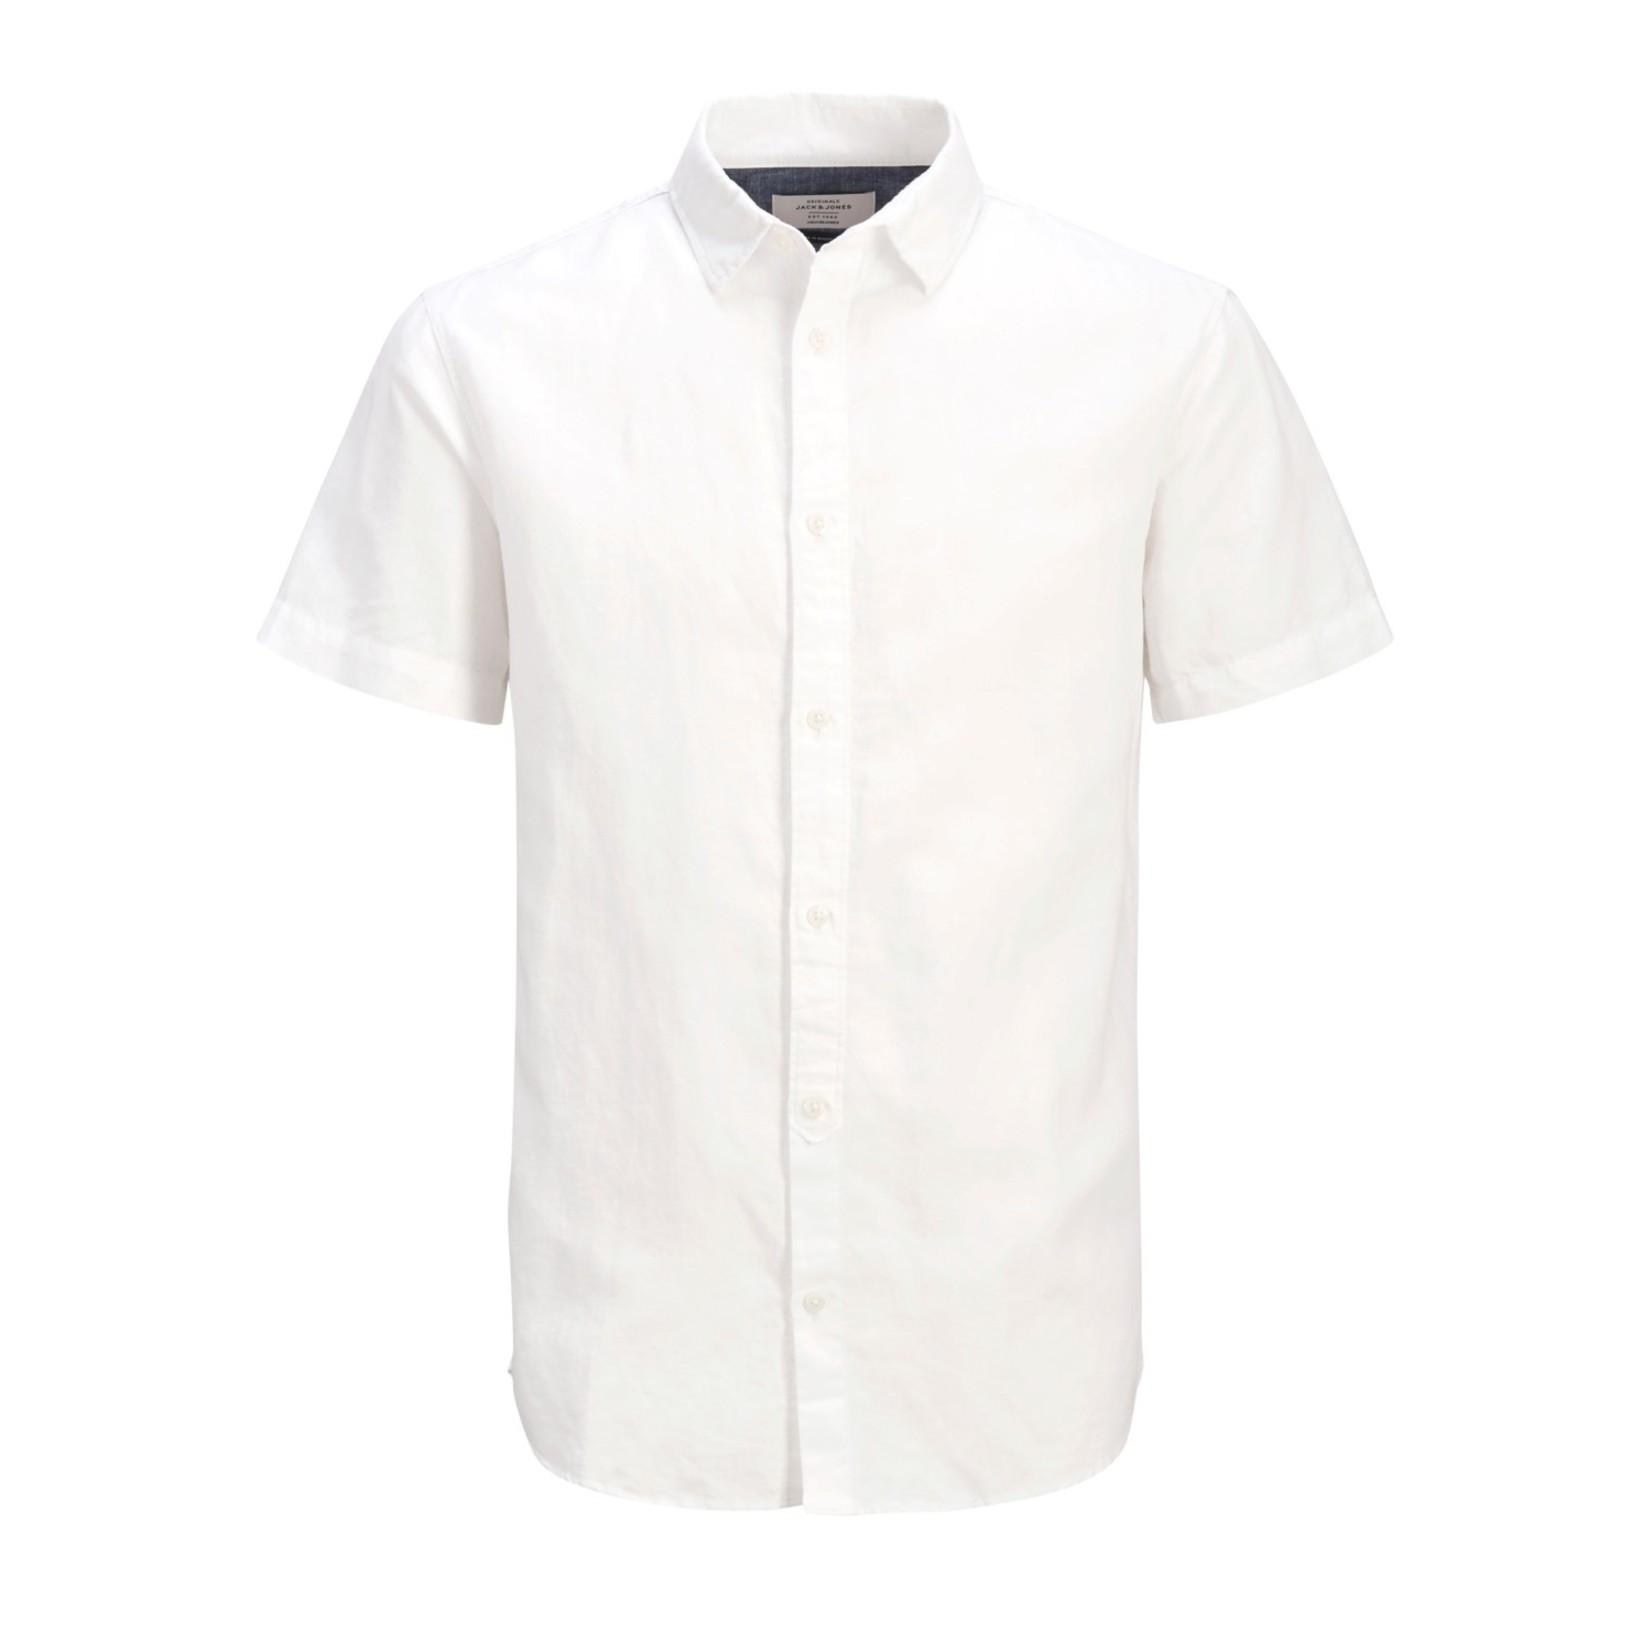 Jack & Jones Jack & Jones Jornew Lee Short Sleeve Shirt